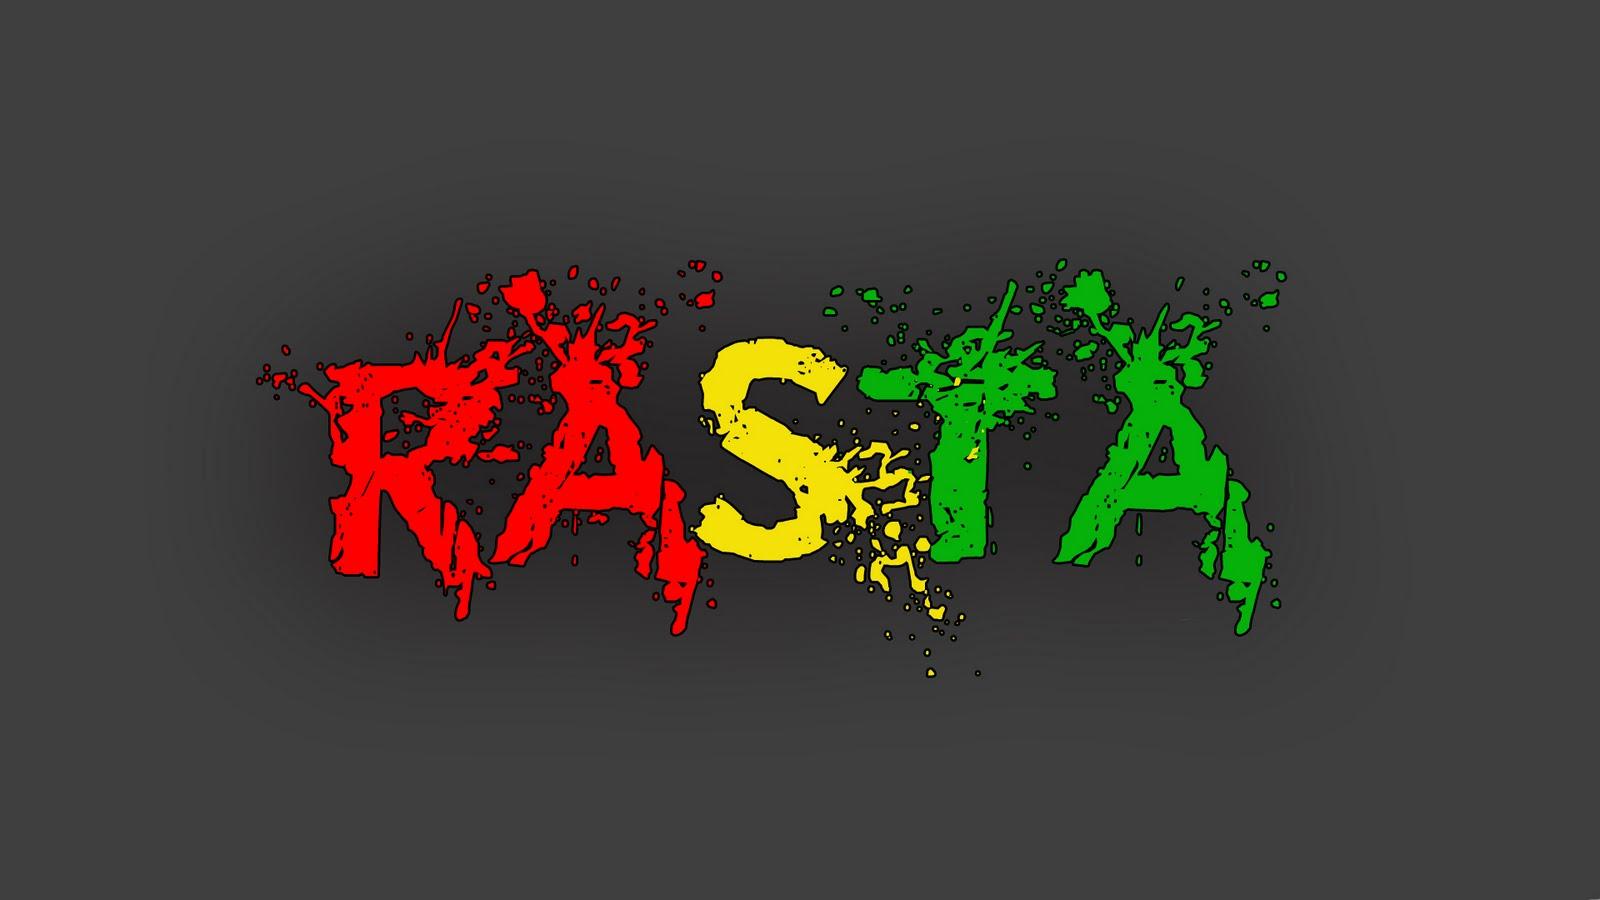 Rasta Wallpaper